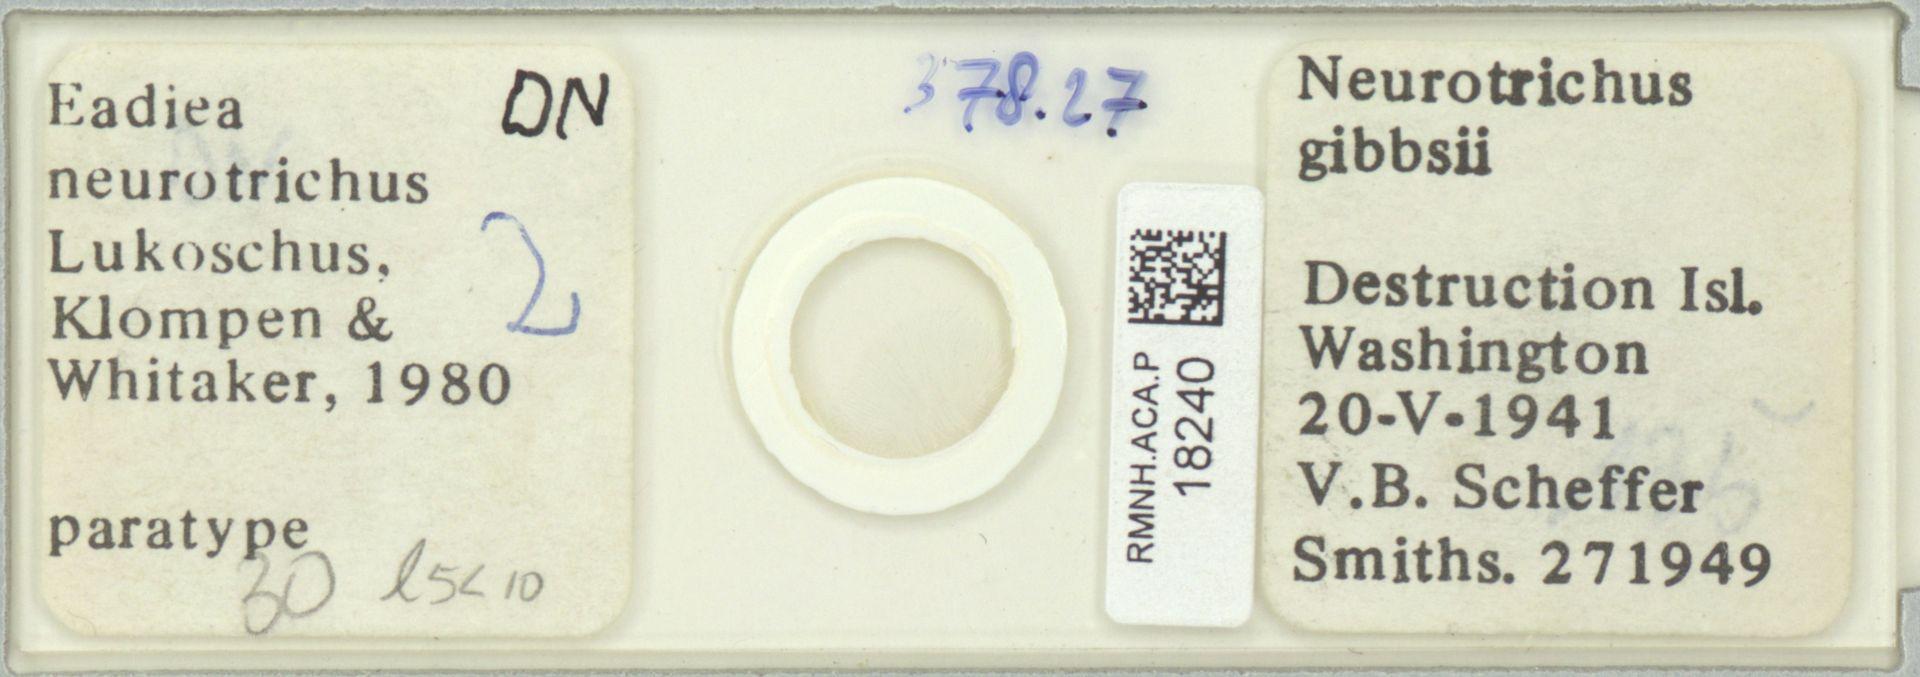 RMNH.ACA.P.18240   Eadiea neurotrichus